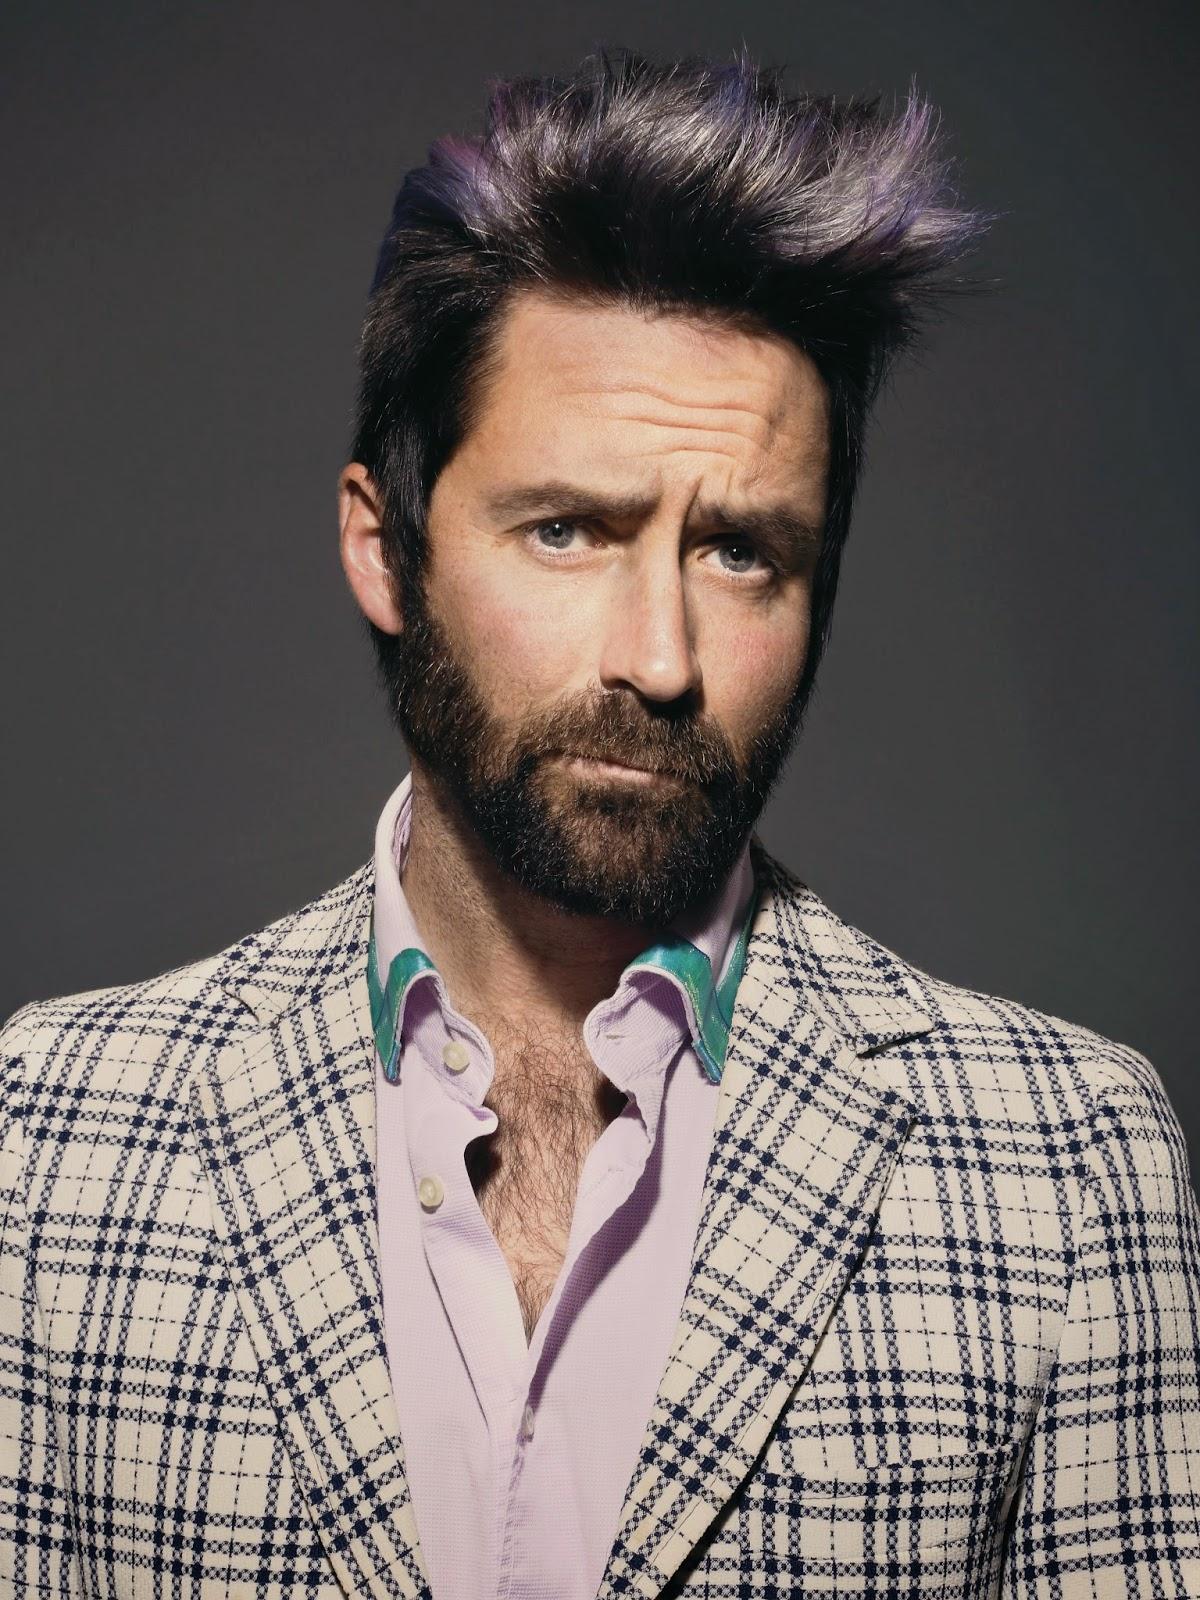 Taglio capelli corti uomo over 50